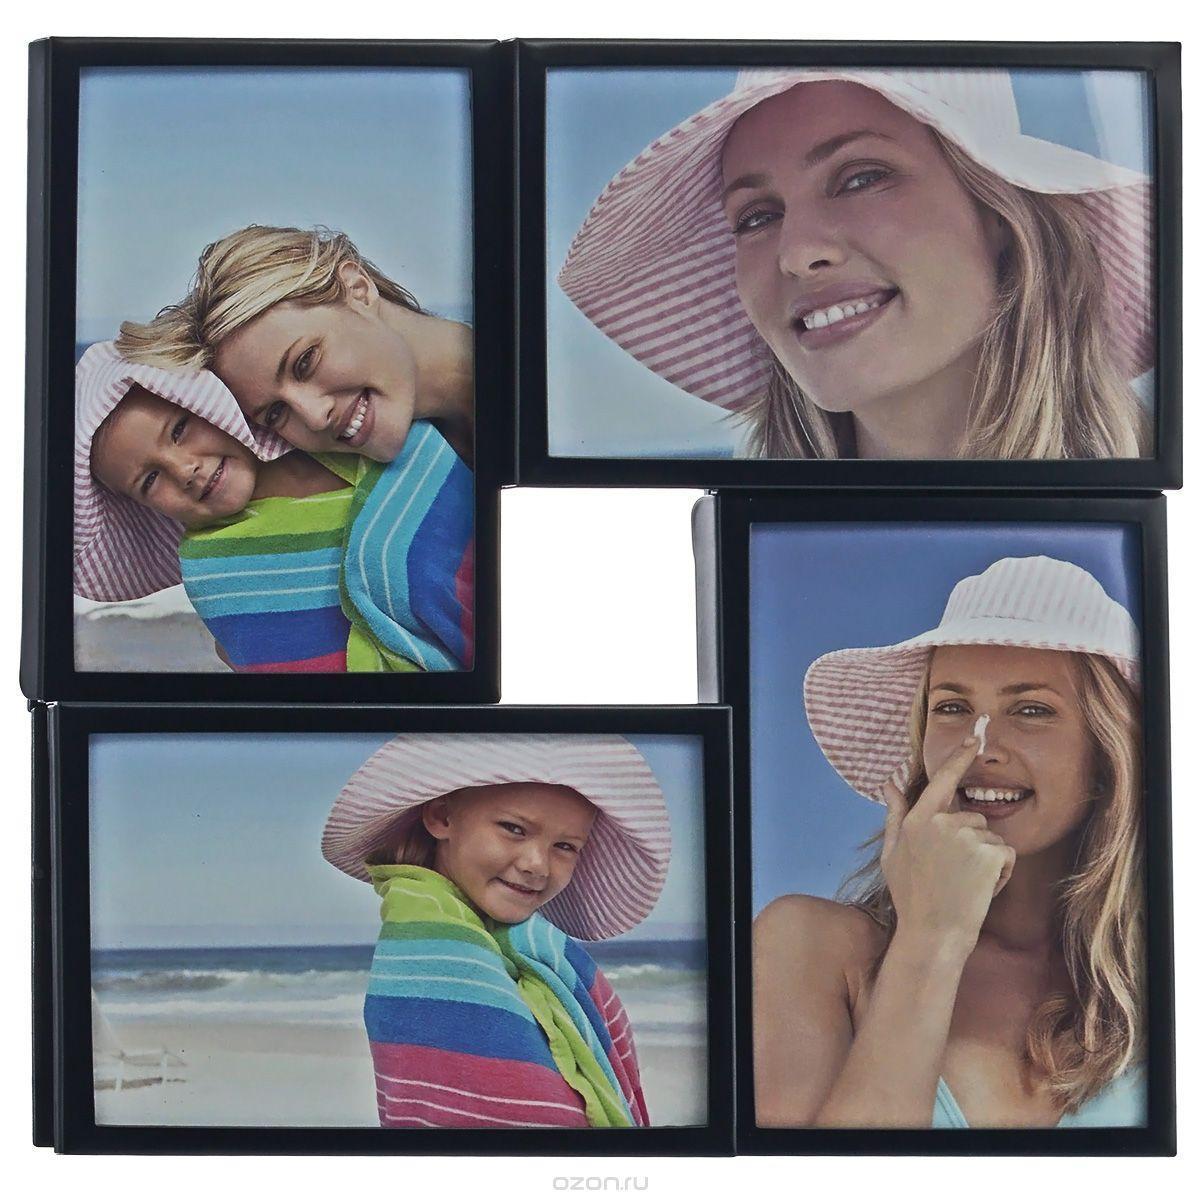 Фоторамка Image Art, цвет: черный, на 4 фото, 10 х 15 см 505539860053554 009303Фоторамка-коллаж Image Art - прекрасный способ красиво оформить ваши фотографии. Изделие рассчитано на 4 фотографии. Фоторамка выполнена из металла и защищена стеклом. Фоторамку можно подвесить на стену, для чего с задней стороны предусмотрены специальные отверстия. Такая фоторамка поможет сохранить на память самые яркие моменты вашей жизни, а стильный дизайн сделает ее прекрасным дополнением интерьера.